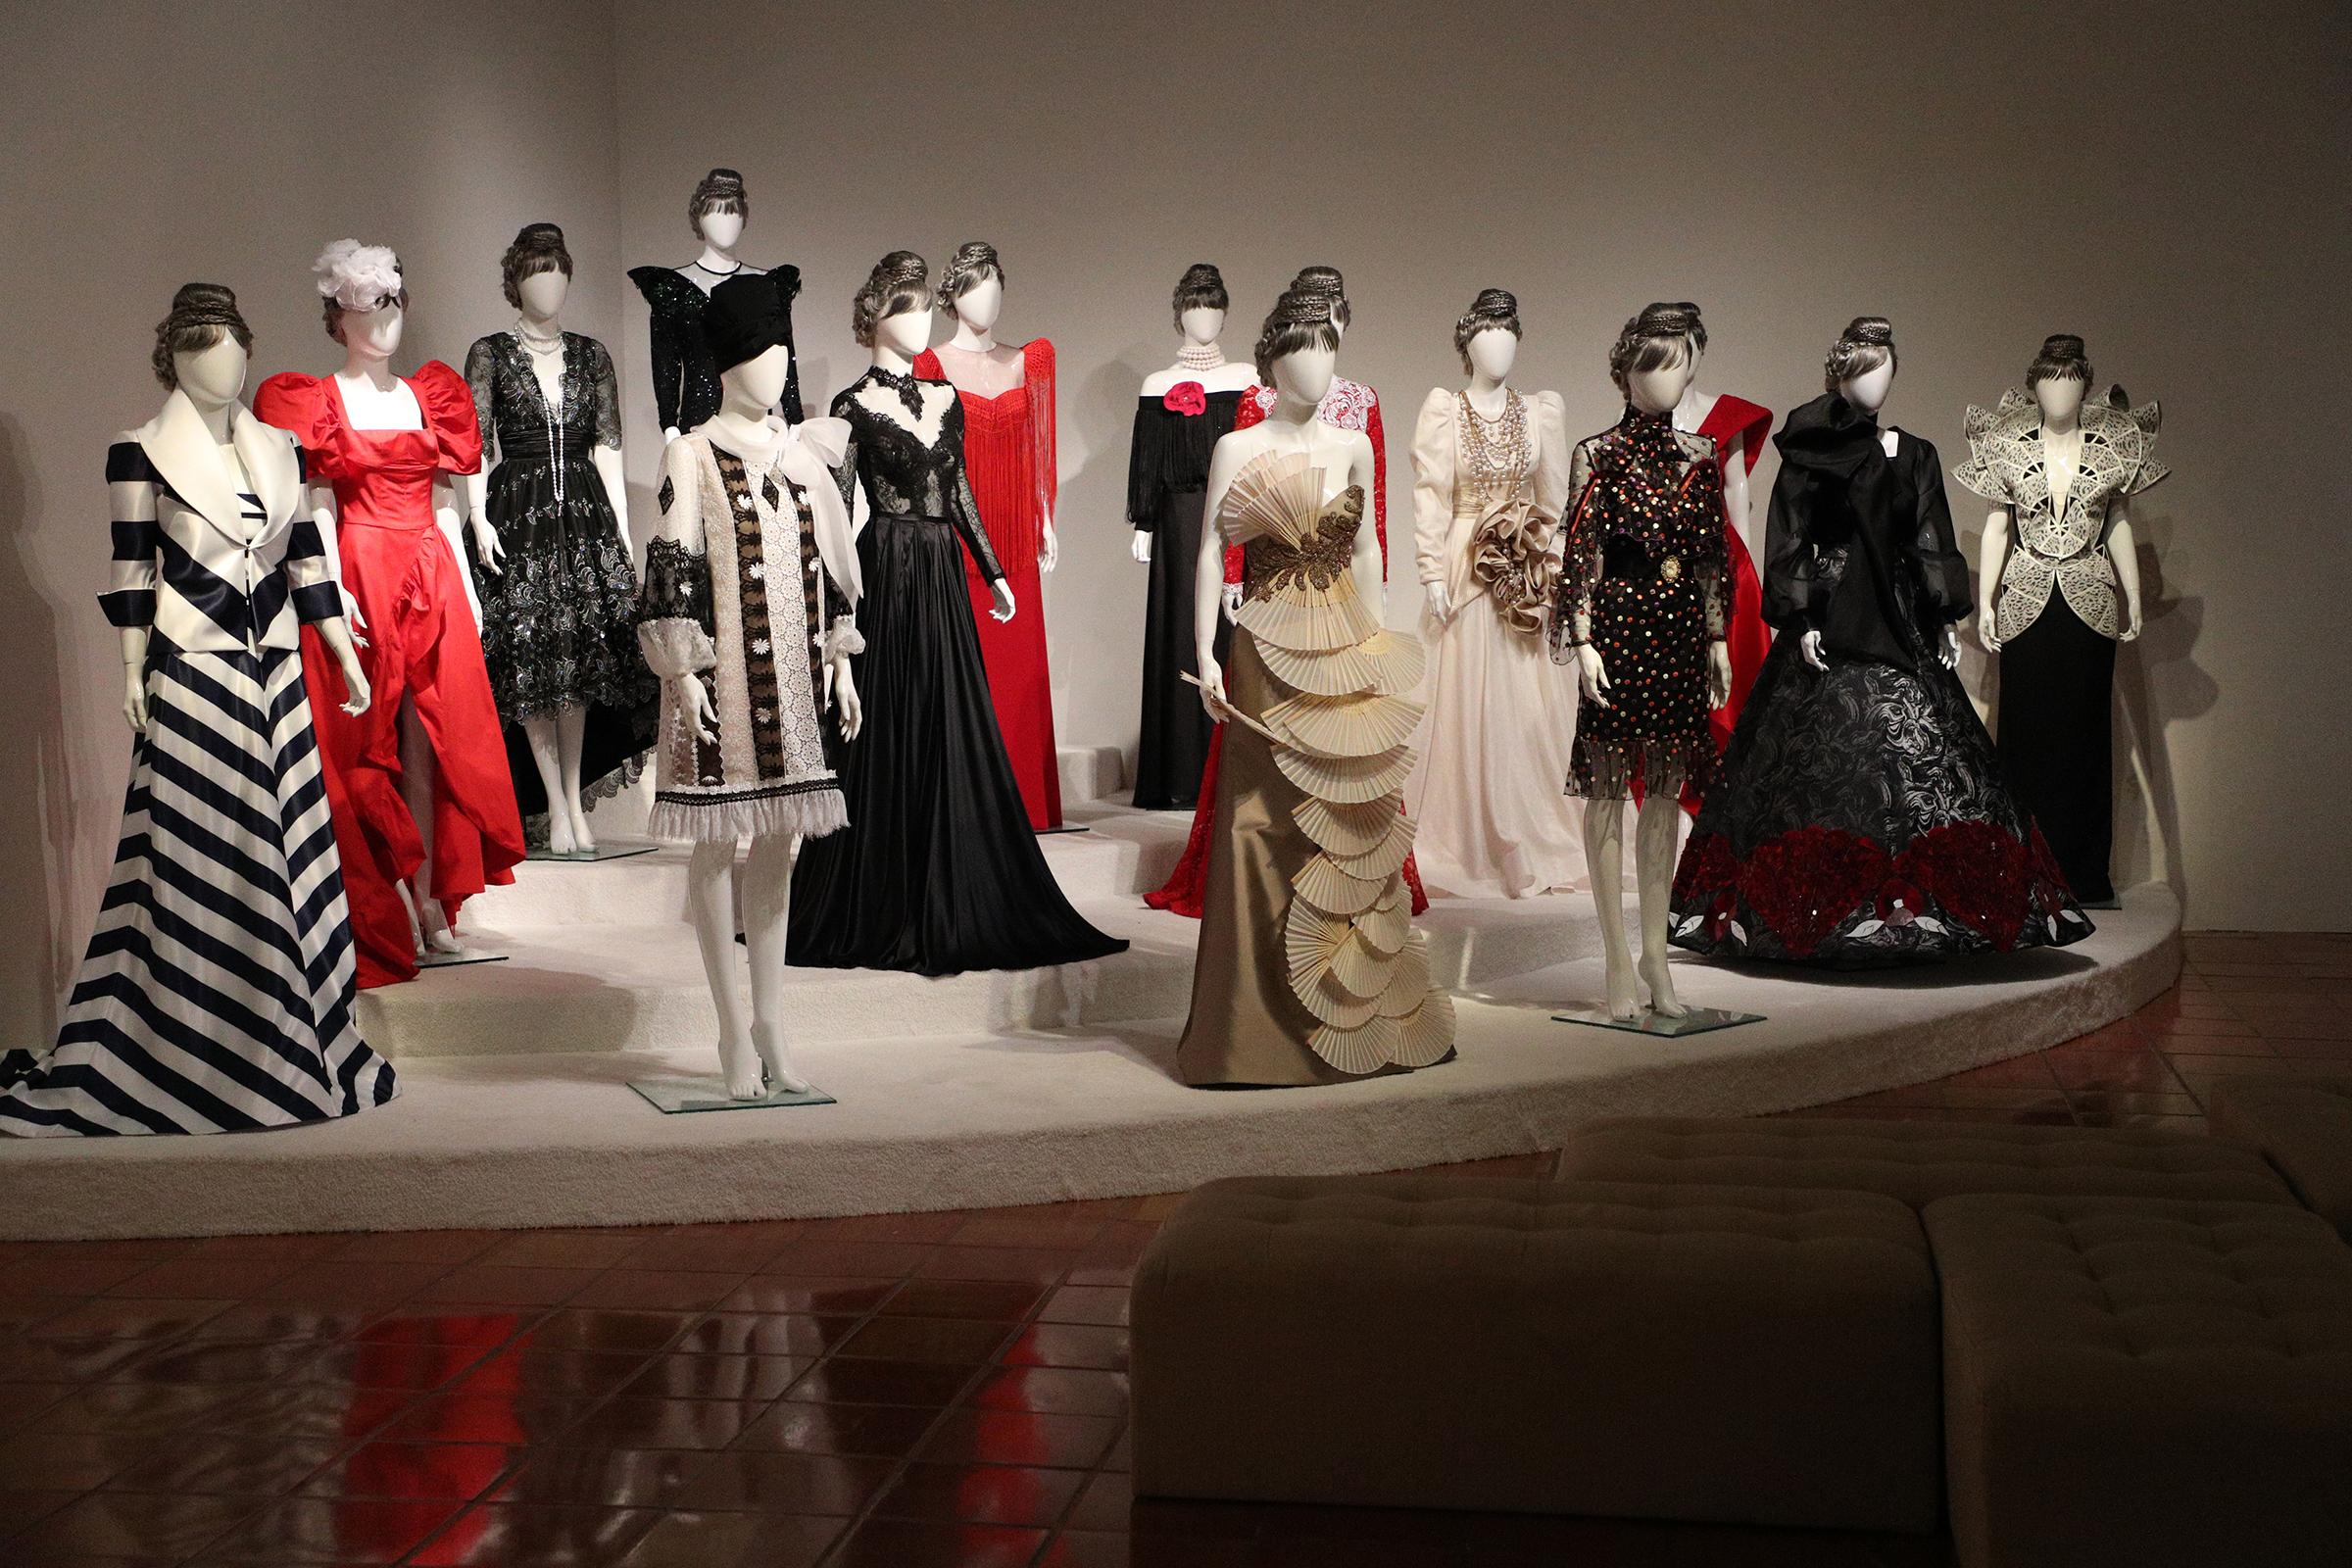 En la tercera sala se encuentra un homenaje realizado por 15 diseñadores locales quienes, inspirados en la imagen de doña Fela, confeccionaron una variedad de vestidos. (Foto: Juan Luis Martínez)